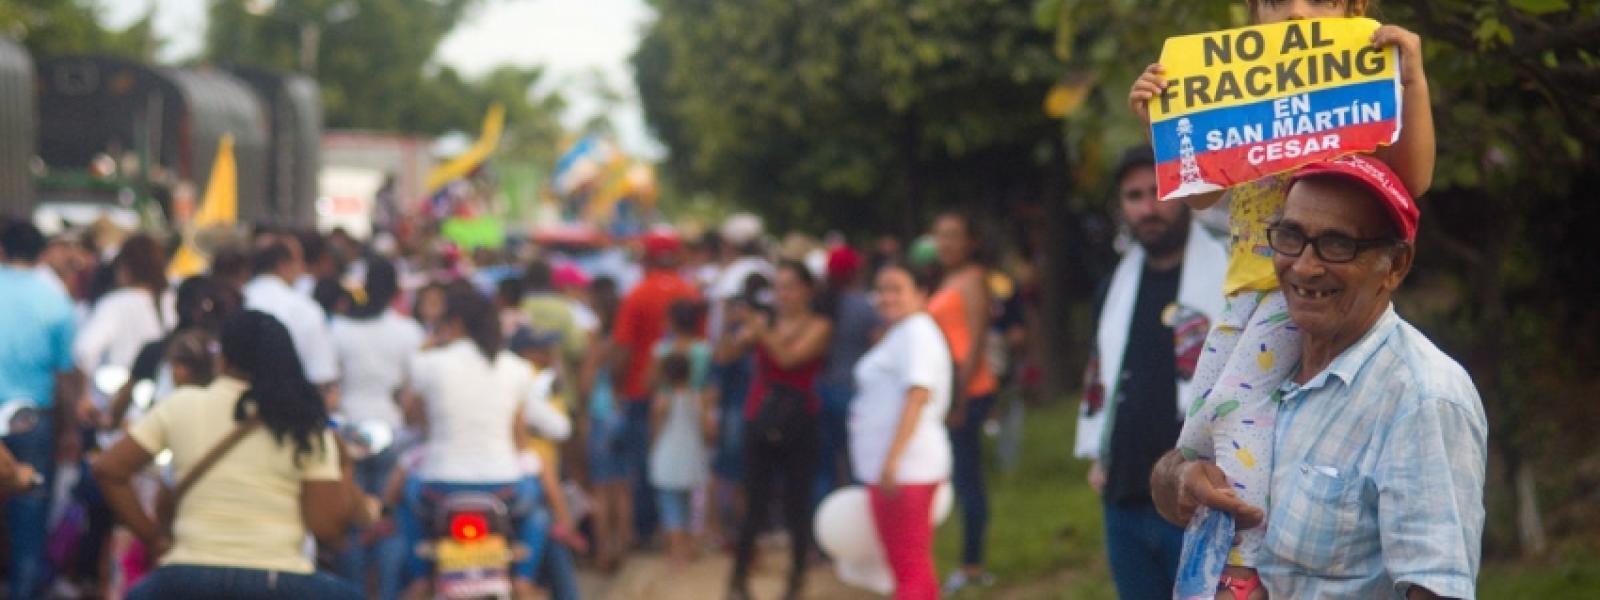 Marcha contra el fracking en Colombia.